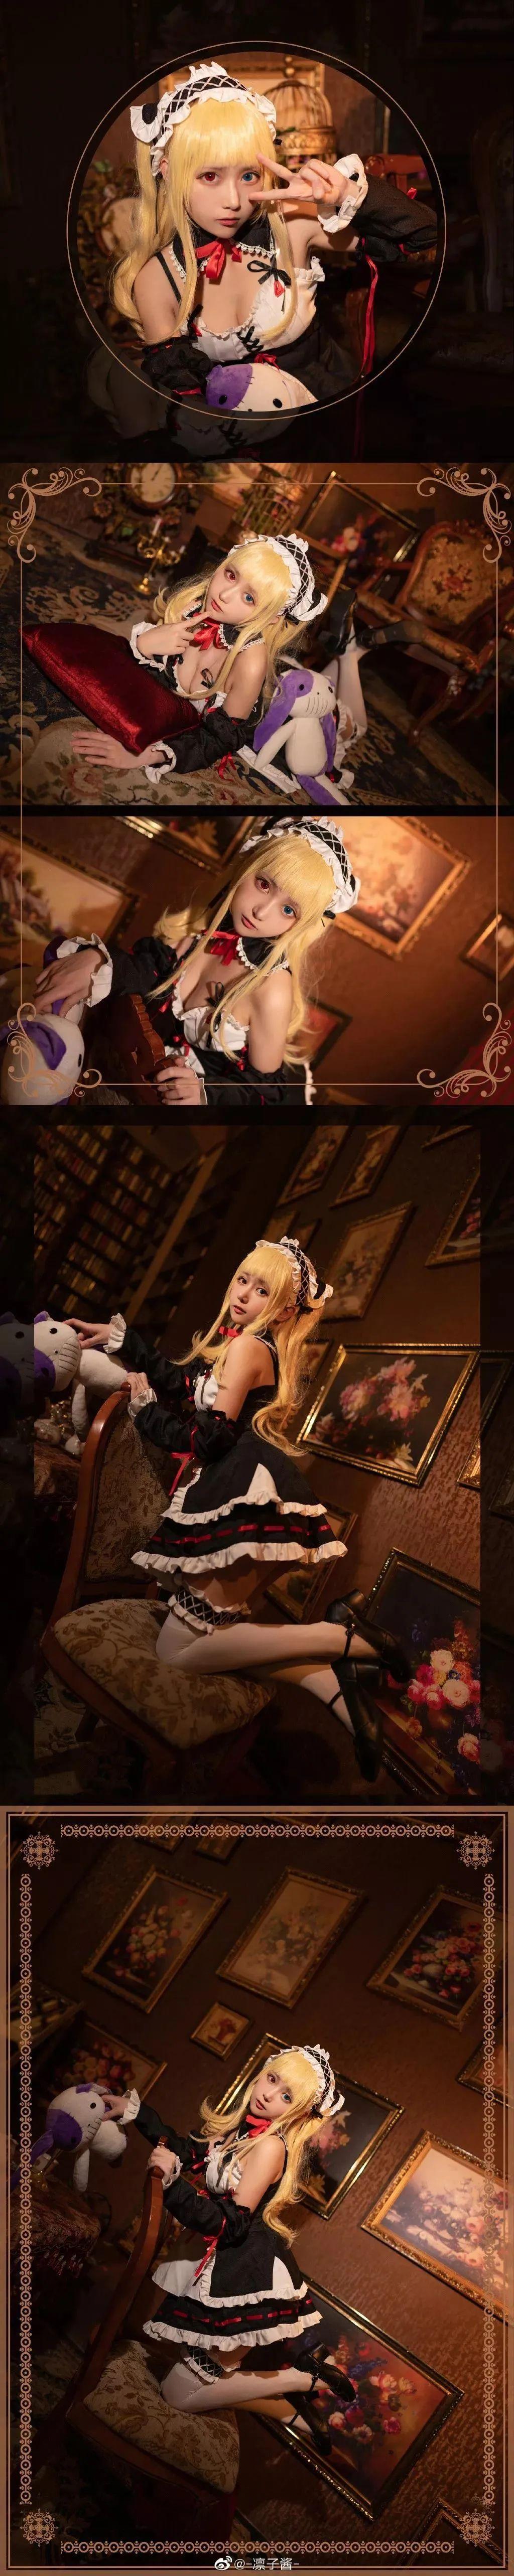 Cosplay—《我的朋友很少》女仆装 羽濑川小鸠,谁来把那个布娃娃拿掉?_图片 No.1